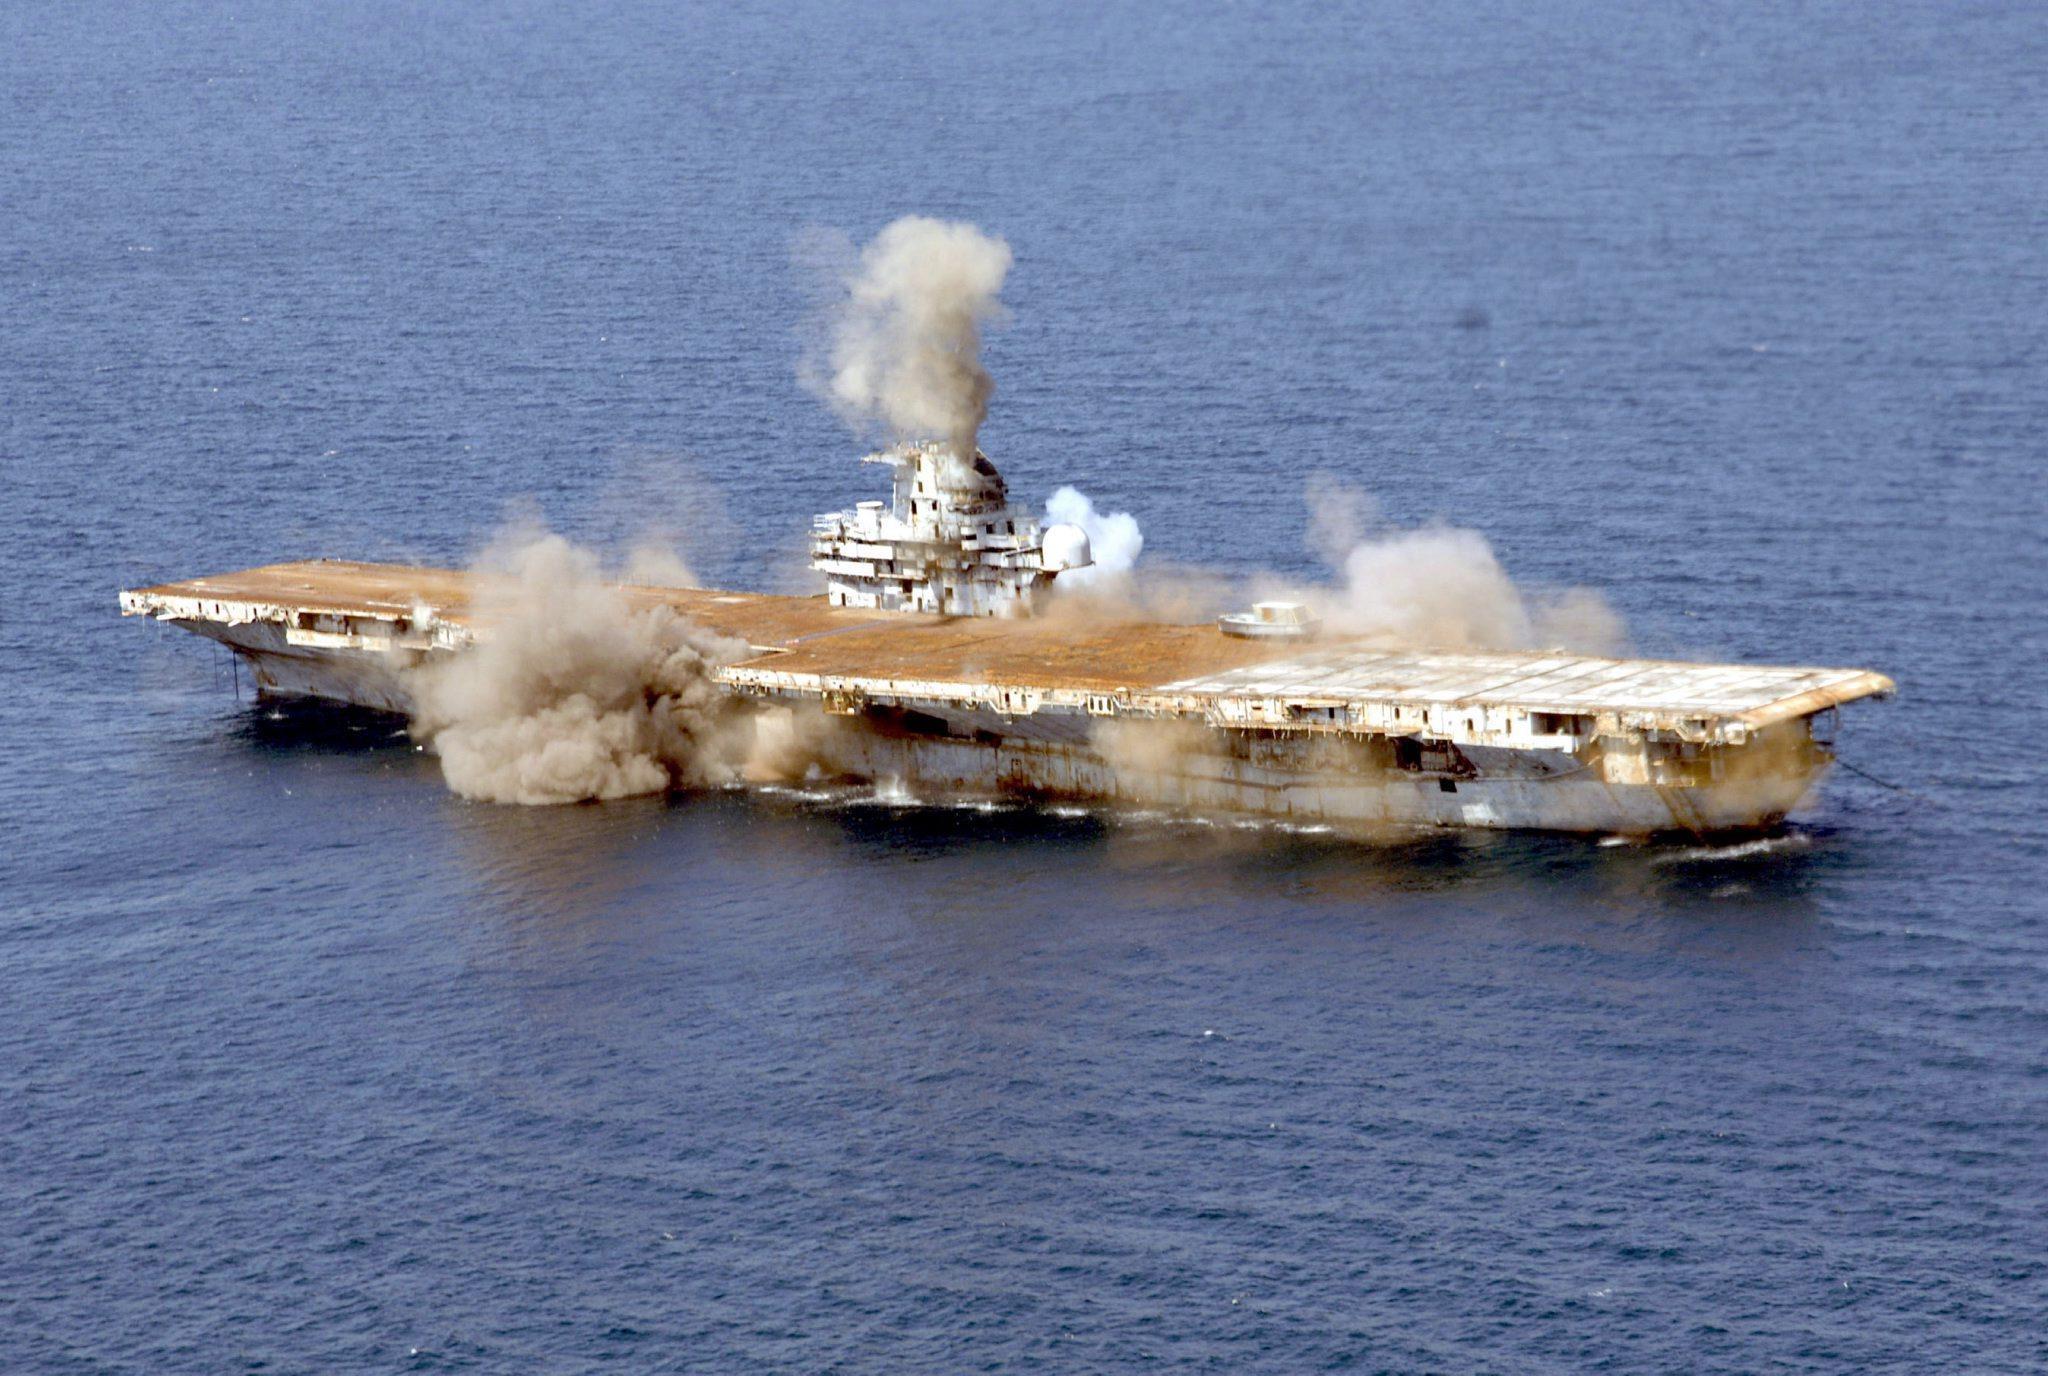 Der amerikanische Flugzeugträger USSOriskany wurde 2006 vor der Küste Floridas gesprengt und versenkt. Er soll ein künstliches Riff bilden.